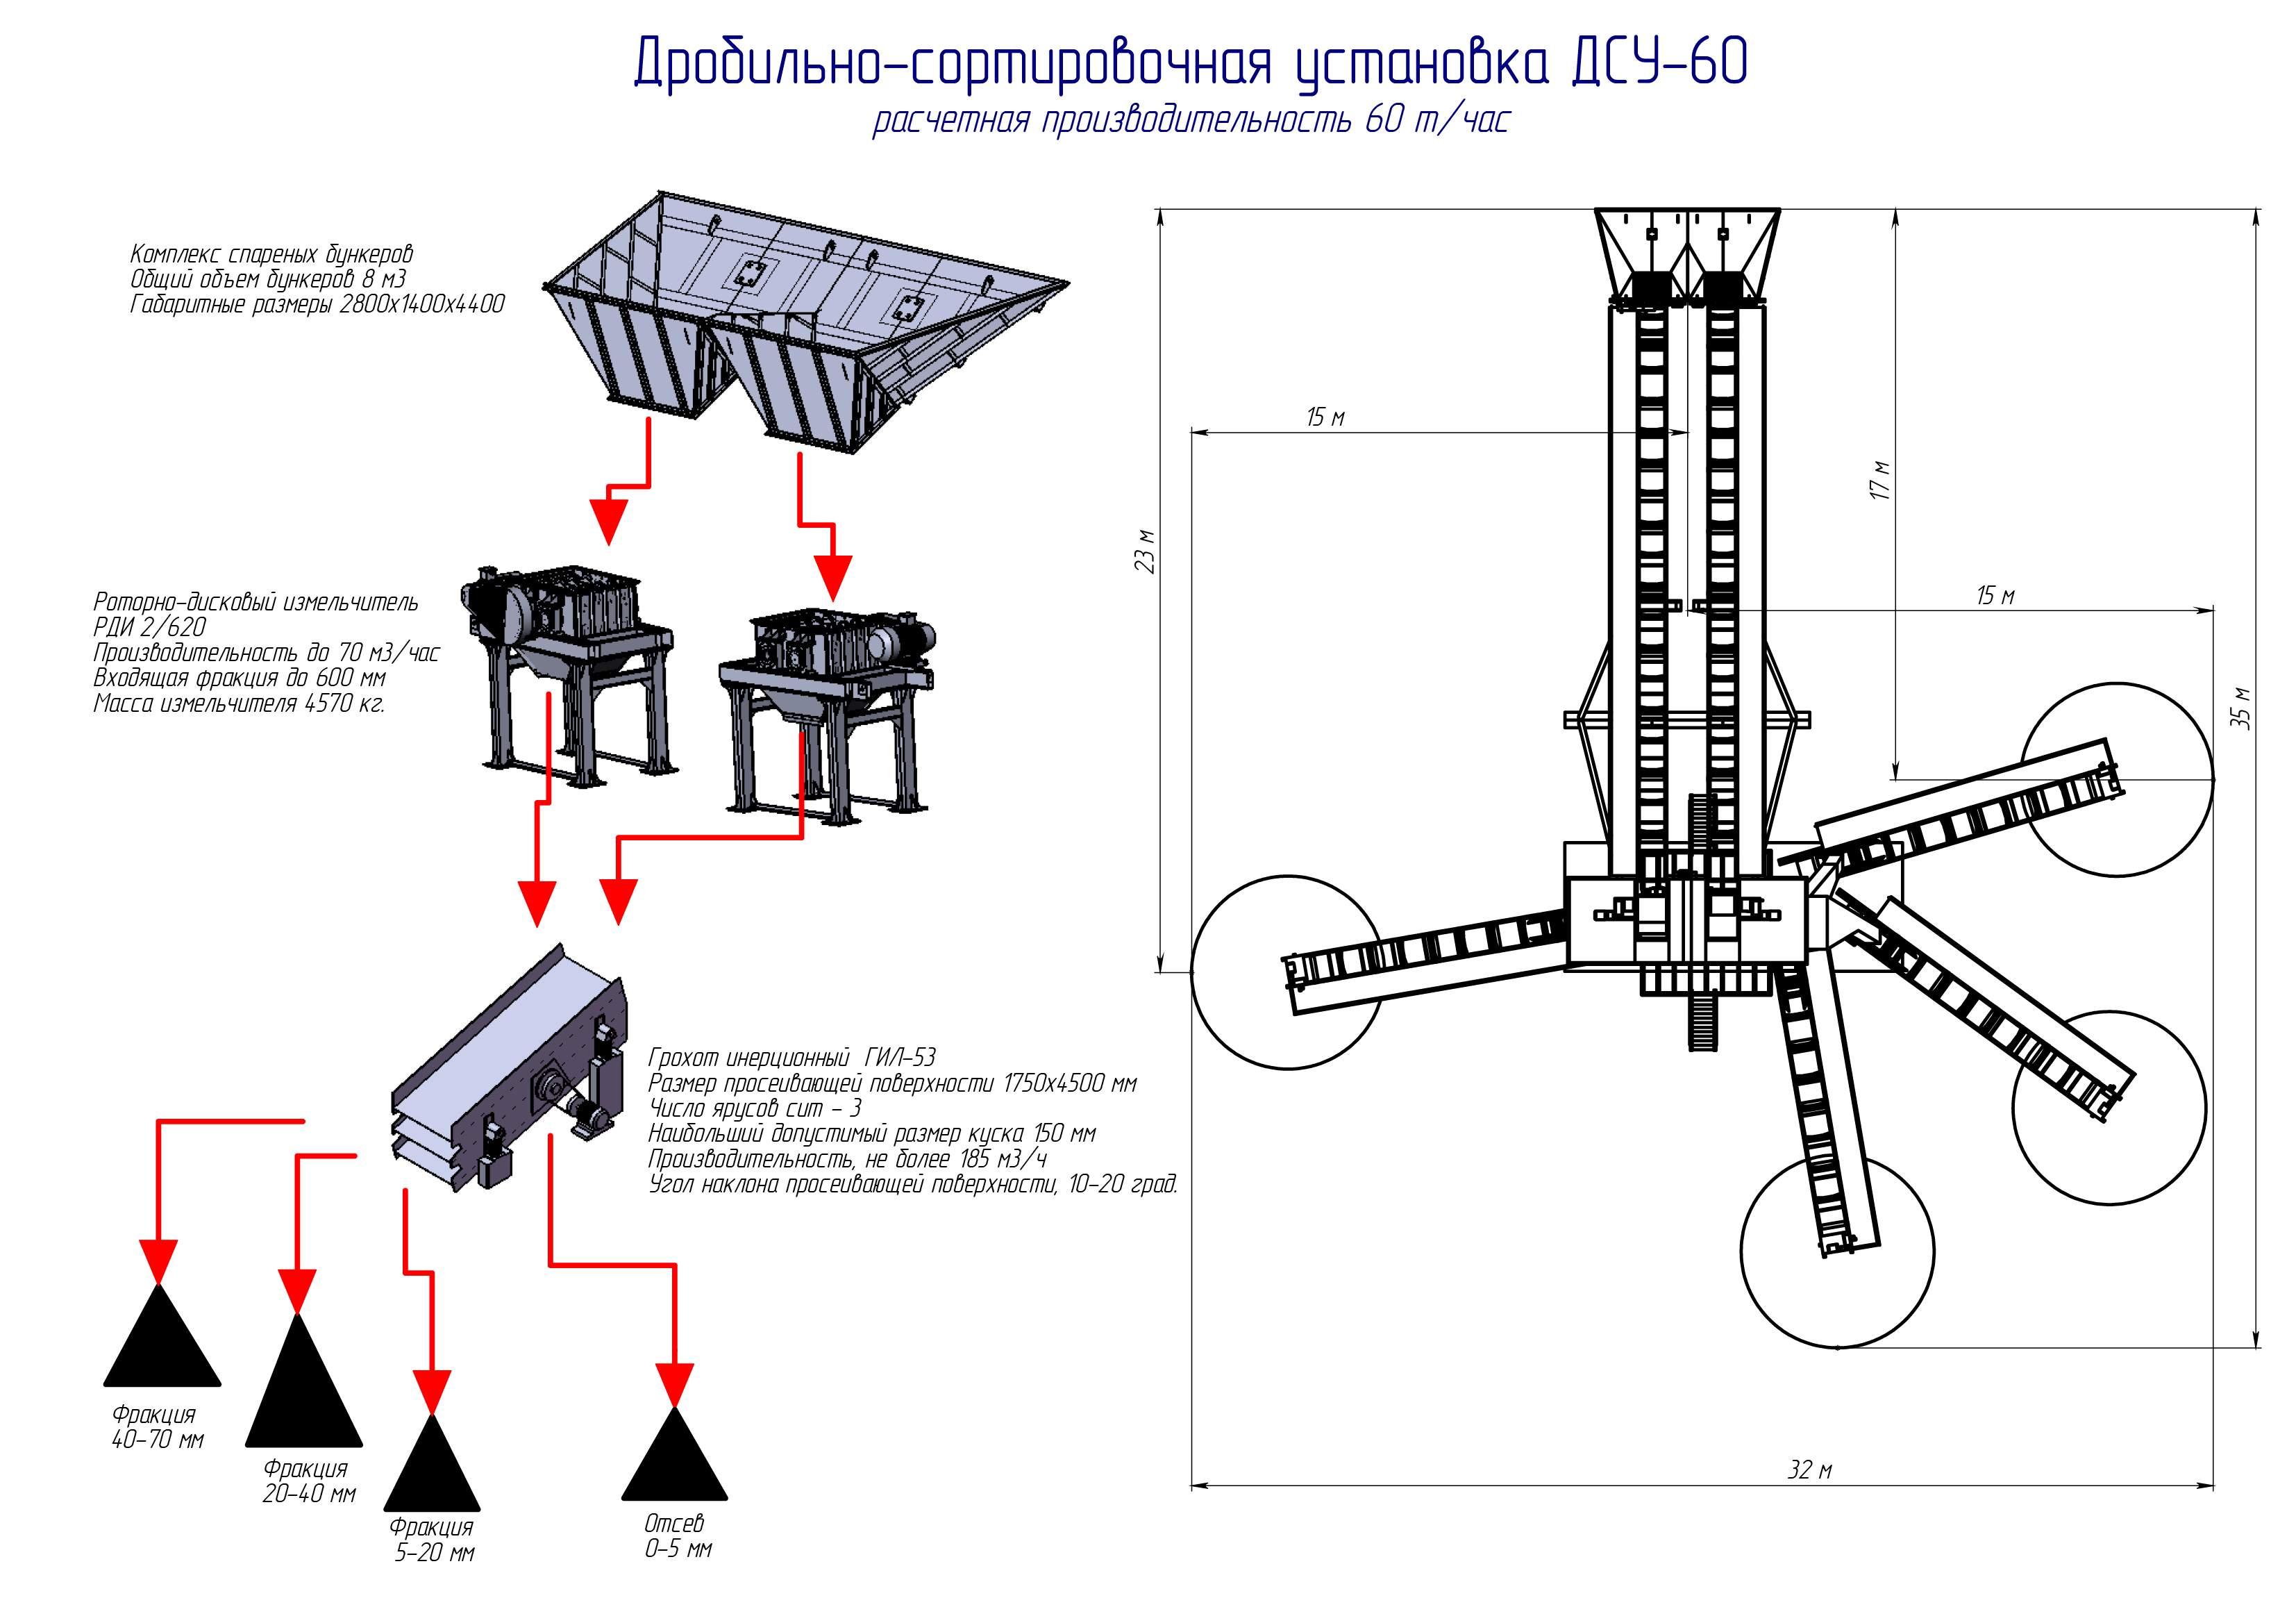 Дробильная установка ДСУ-60